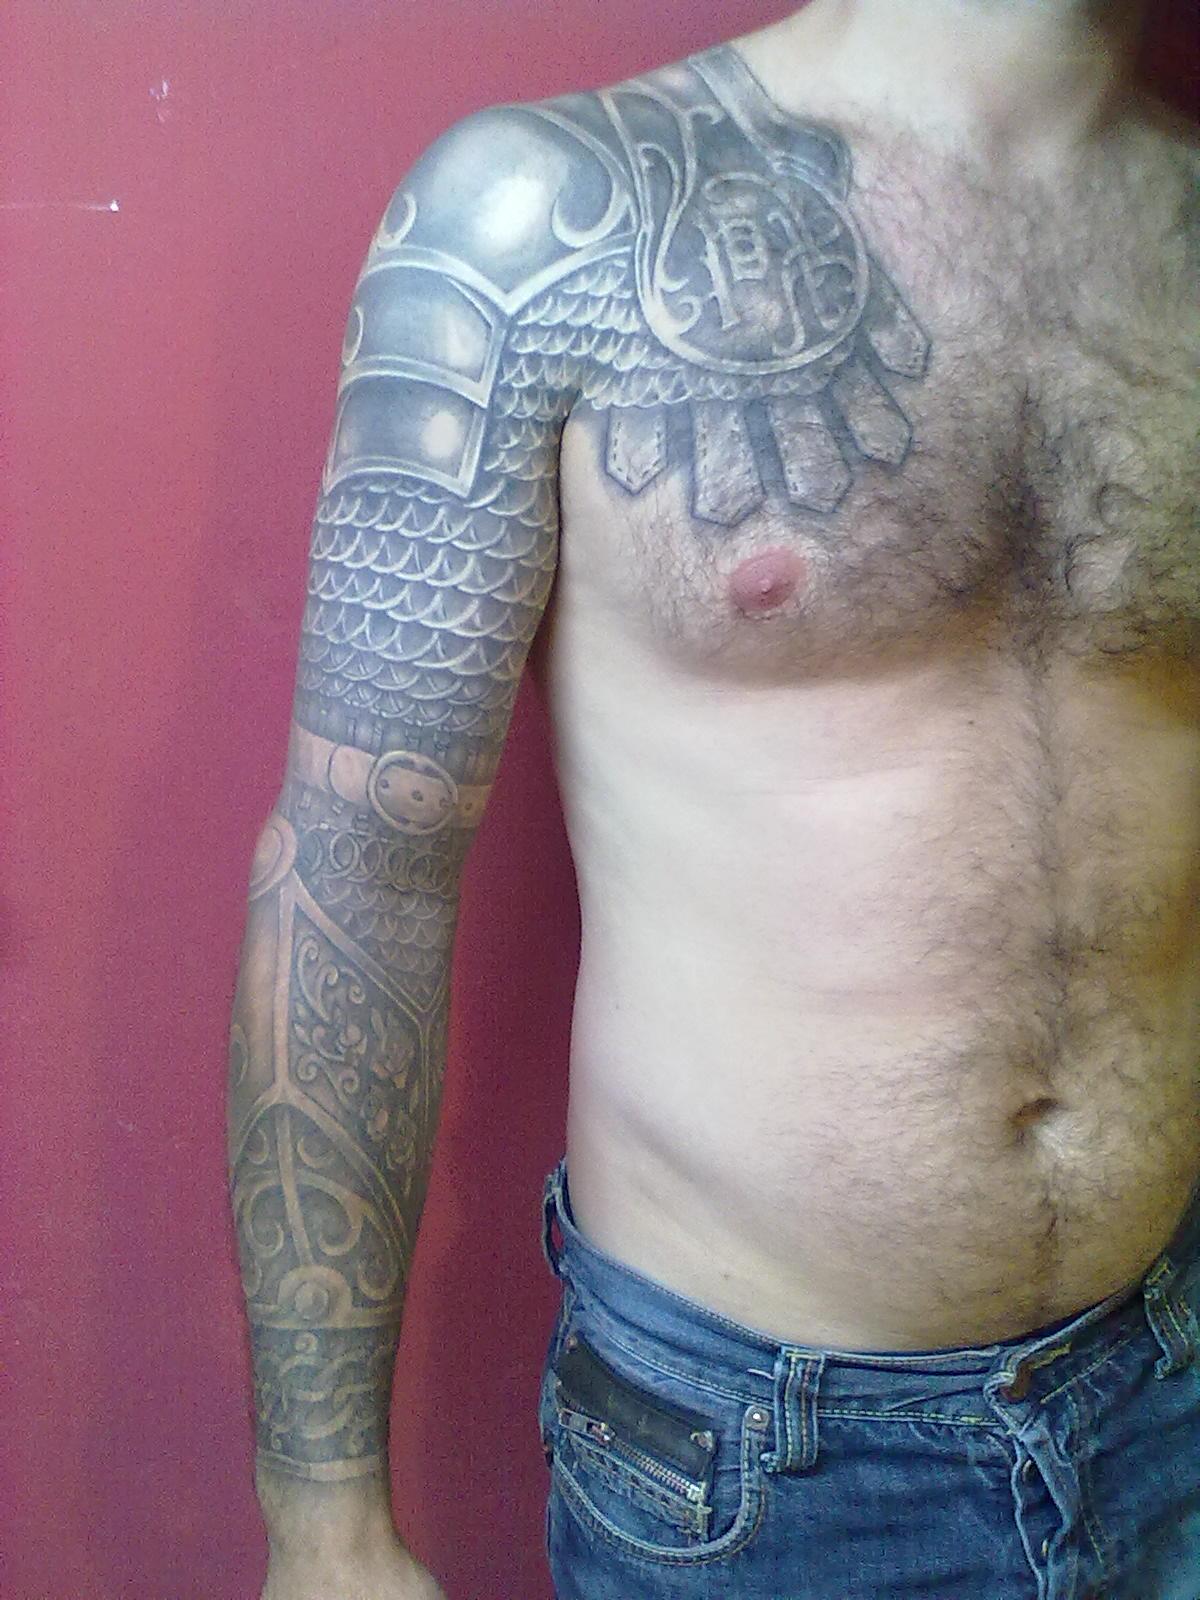 Medieval Armor Tattoos Publicado por diego villar en